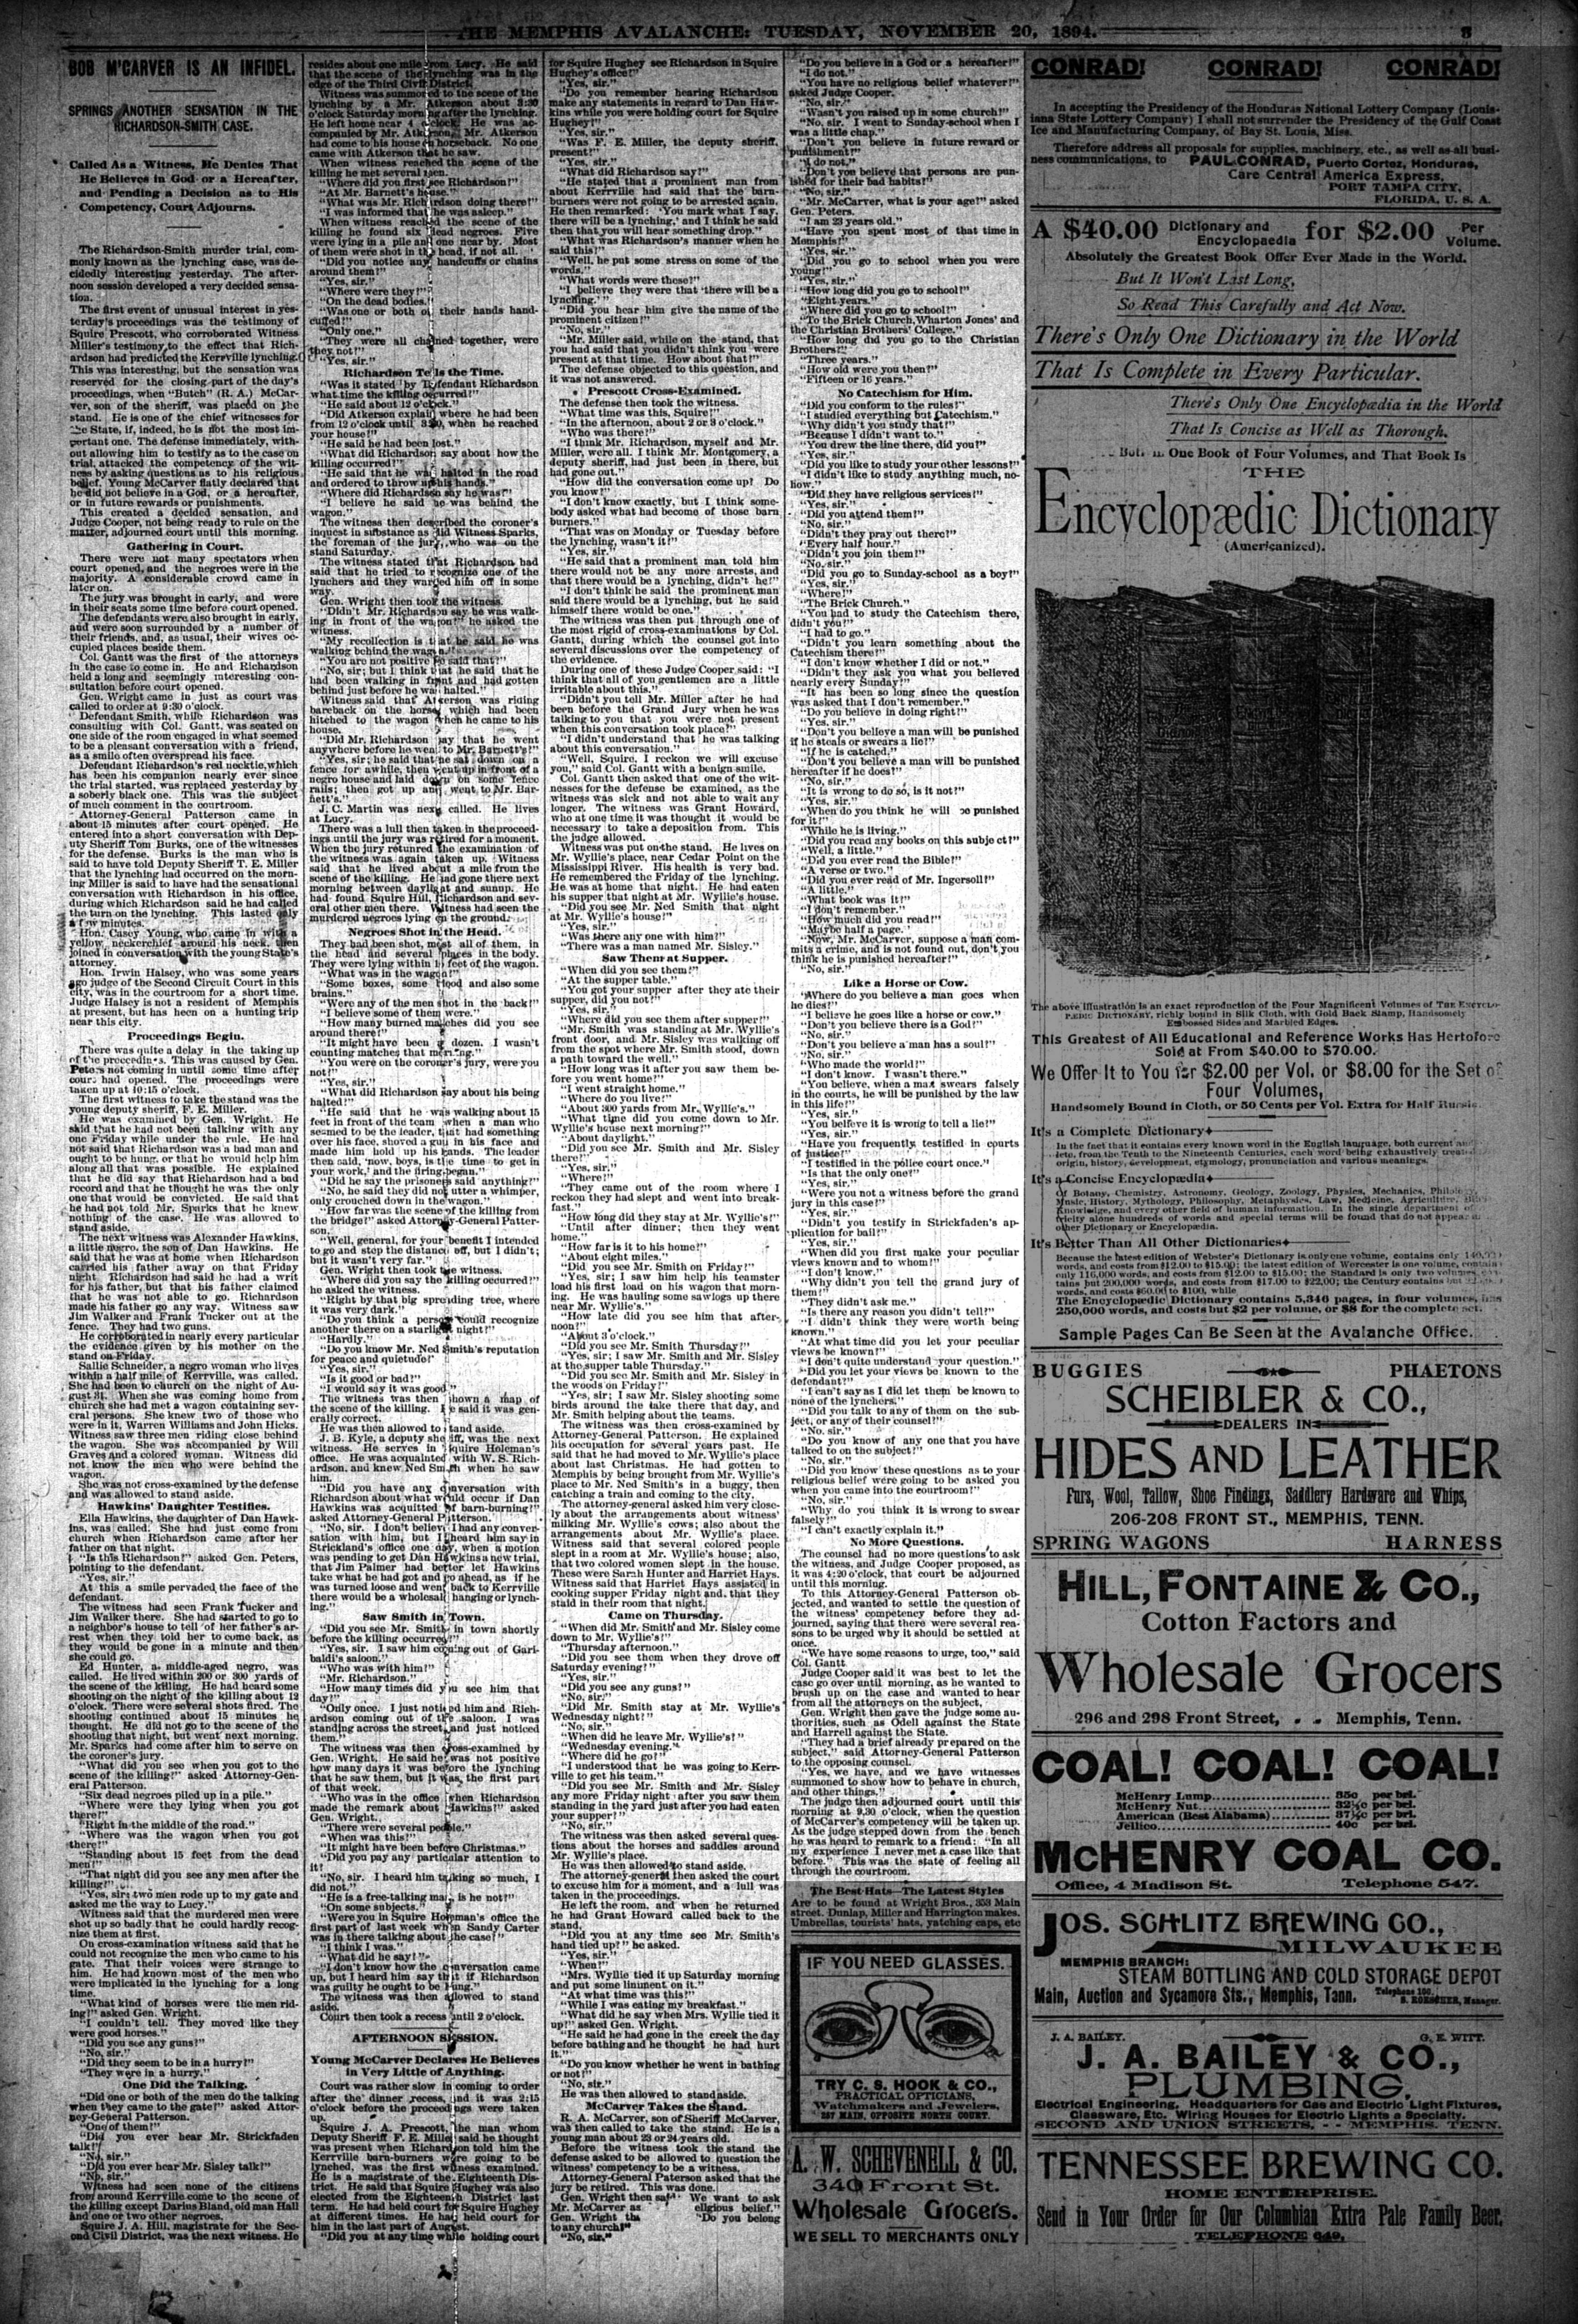 Memphis Avalanche, 11/20/1894